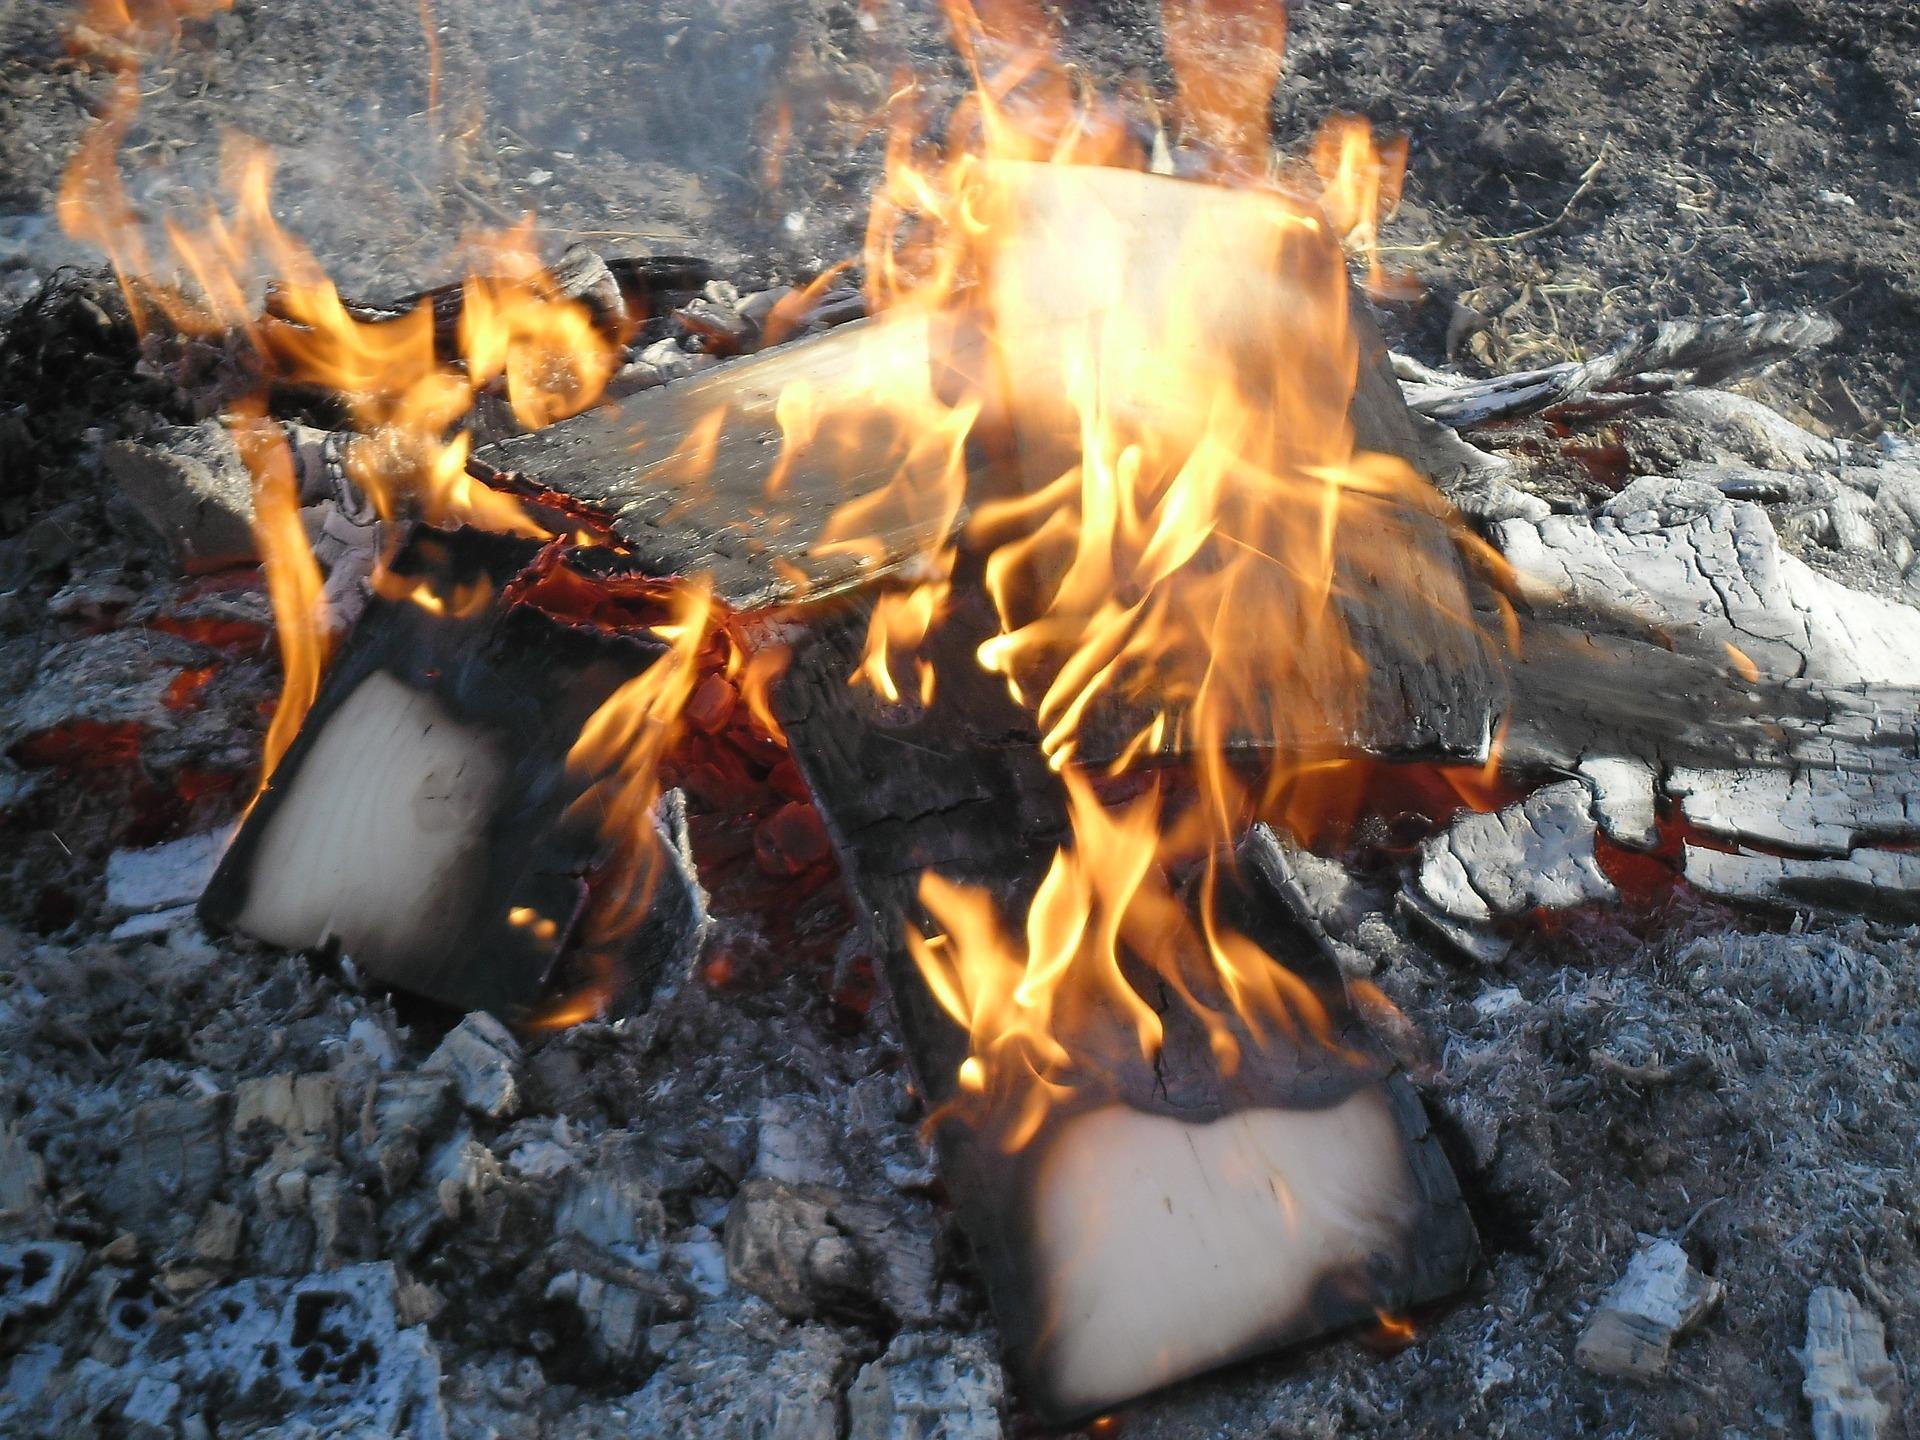 campfire-802777_1920.jpg